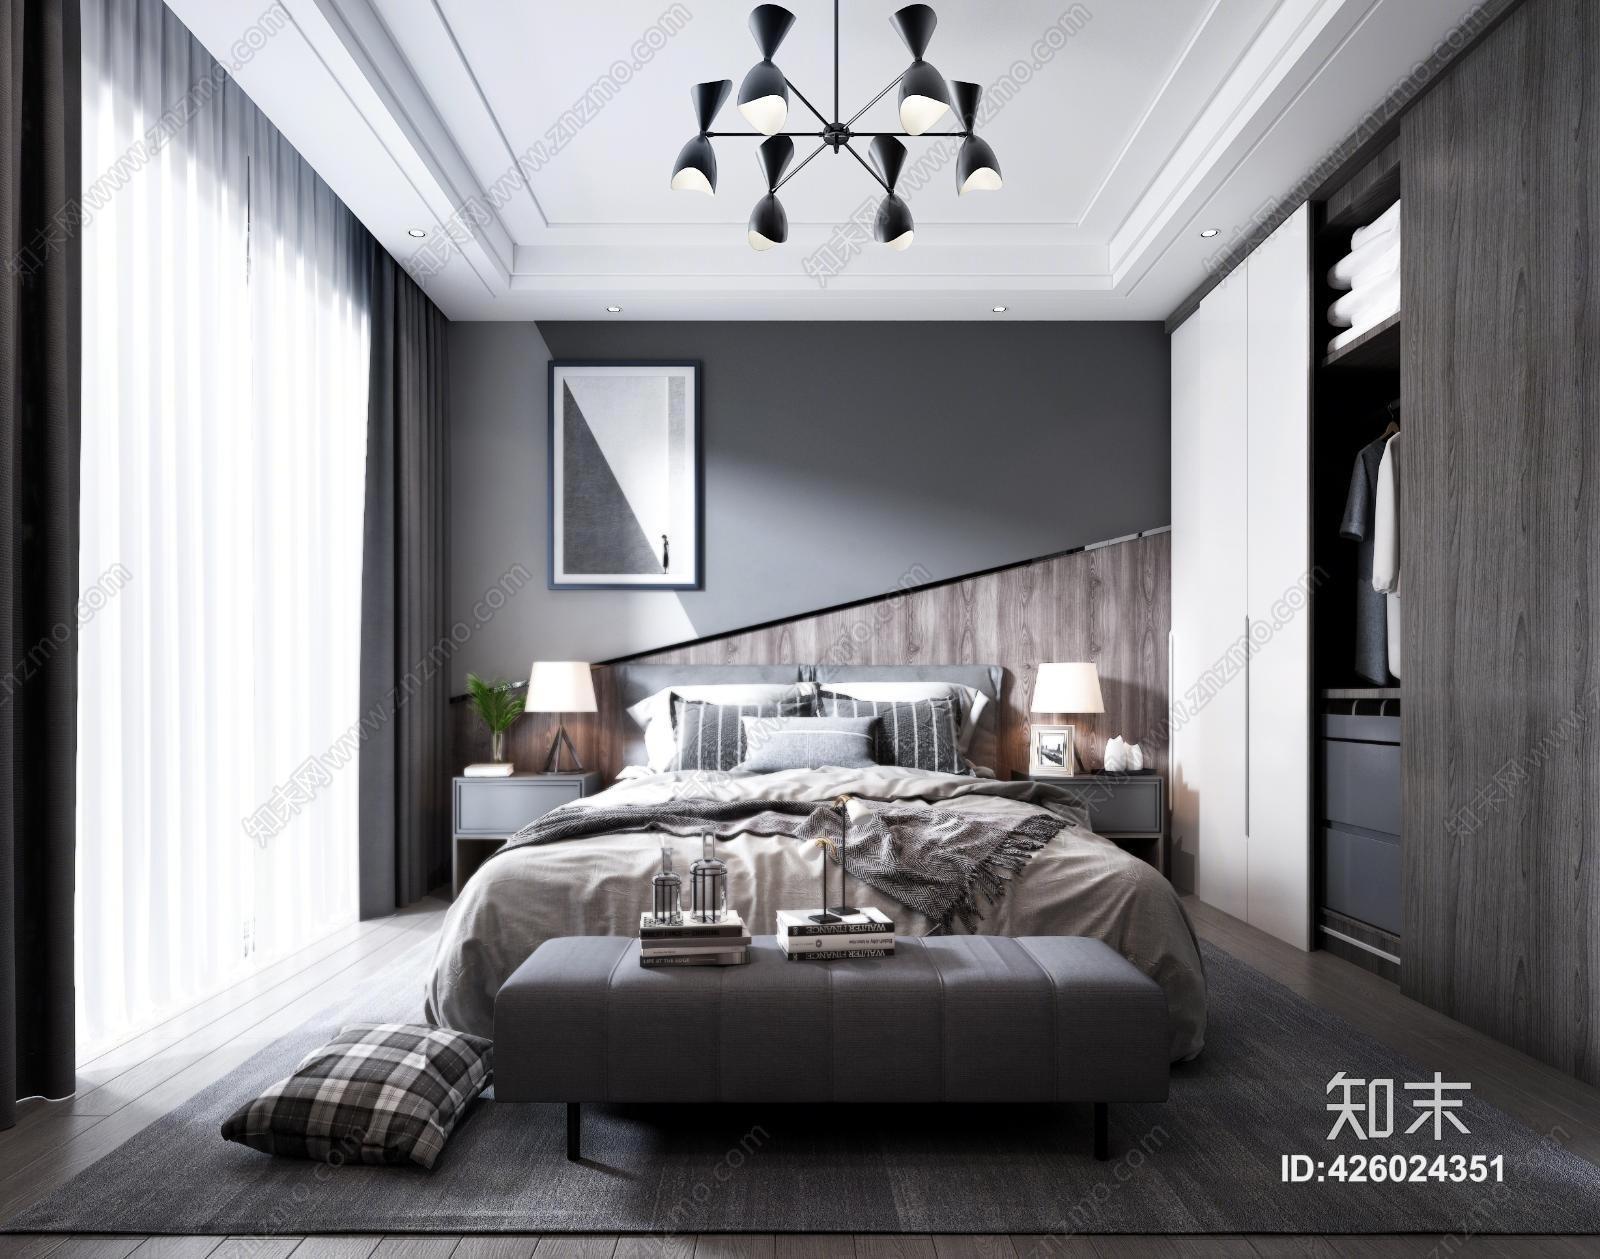 现代主人房 床具 吊灯 台灯 挂画 电视 装饰品 地毯 床头柜 装饰品 窗帘